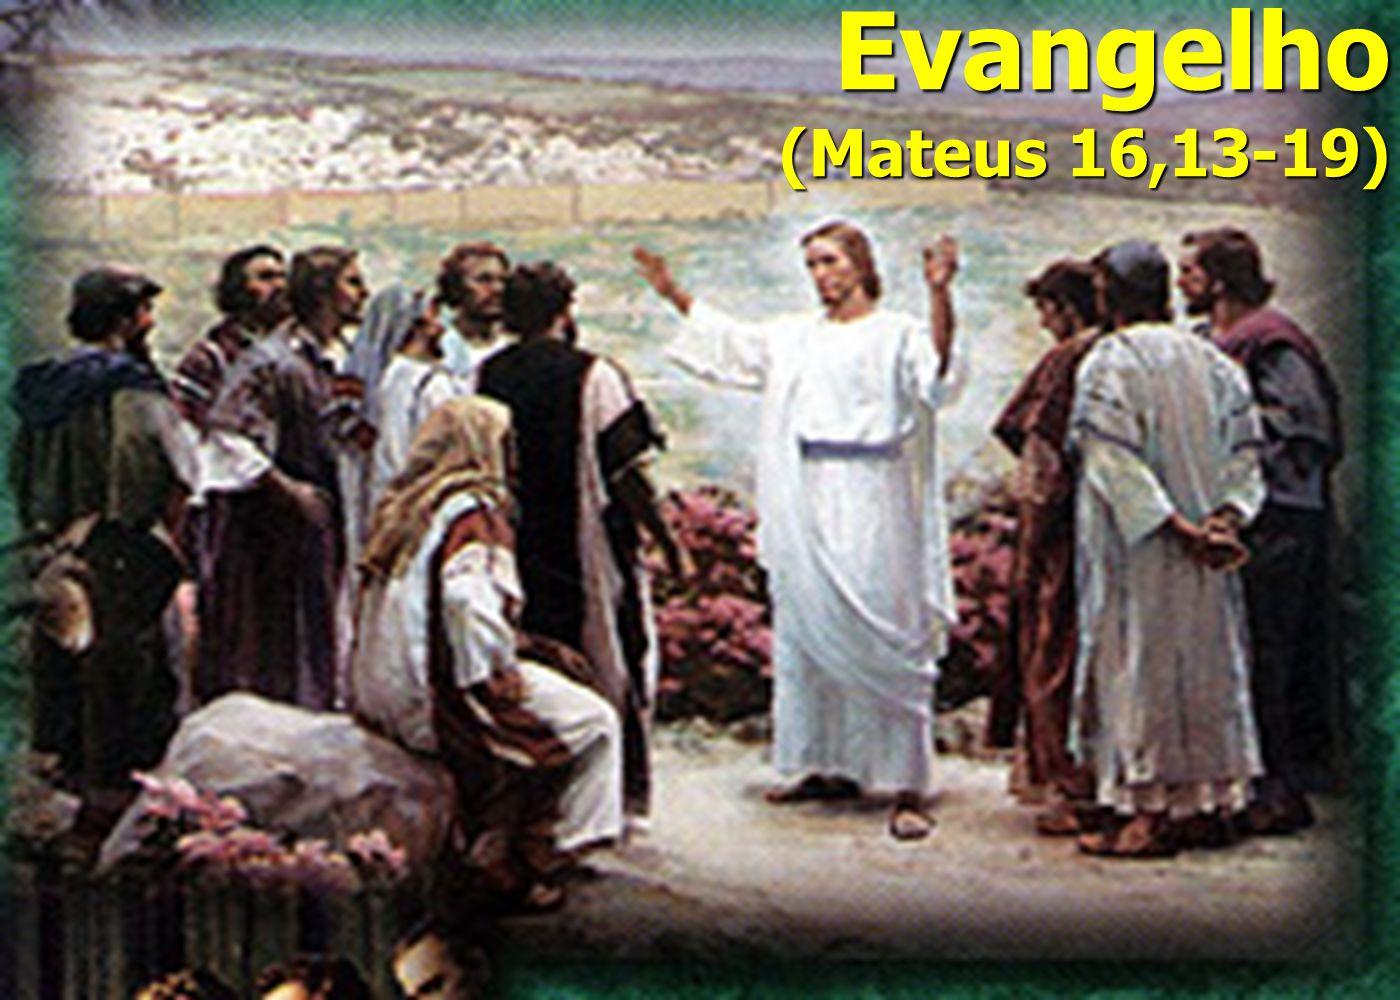 Evangelho (Mateus 16,13-19)